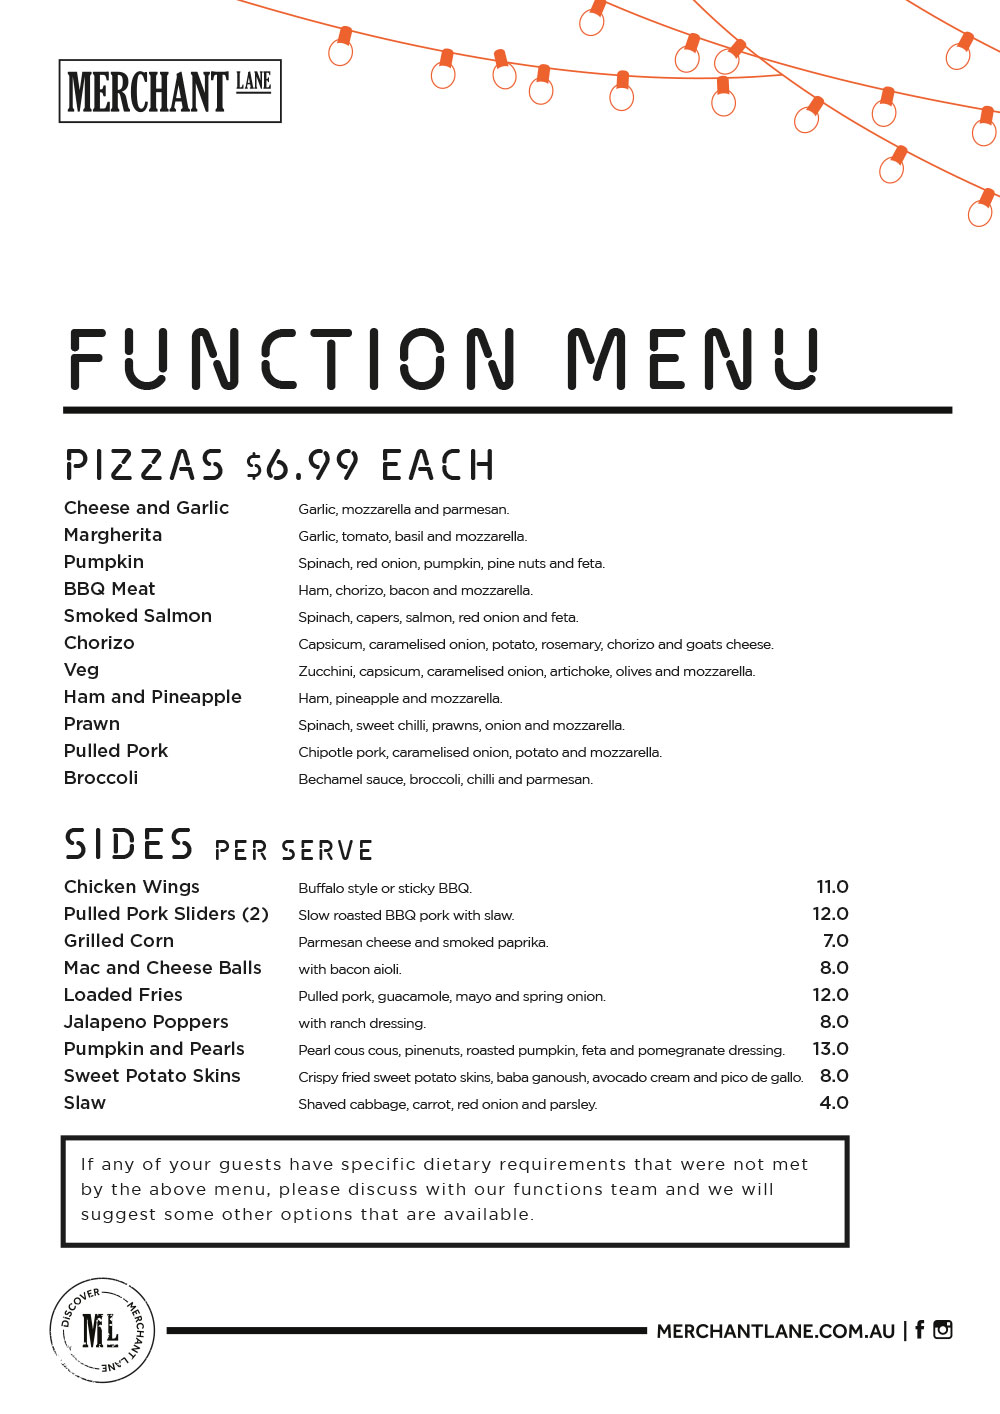 Merchant Lane Pizza Function Menu